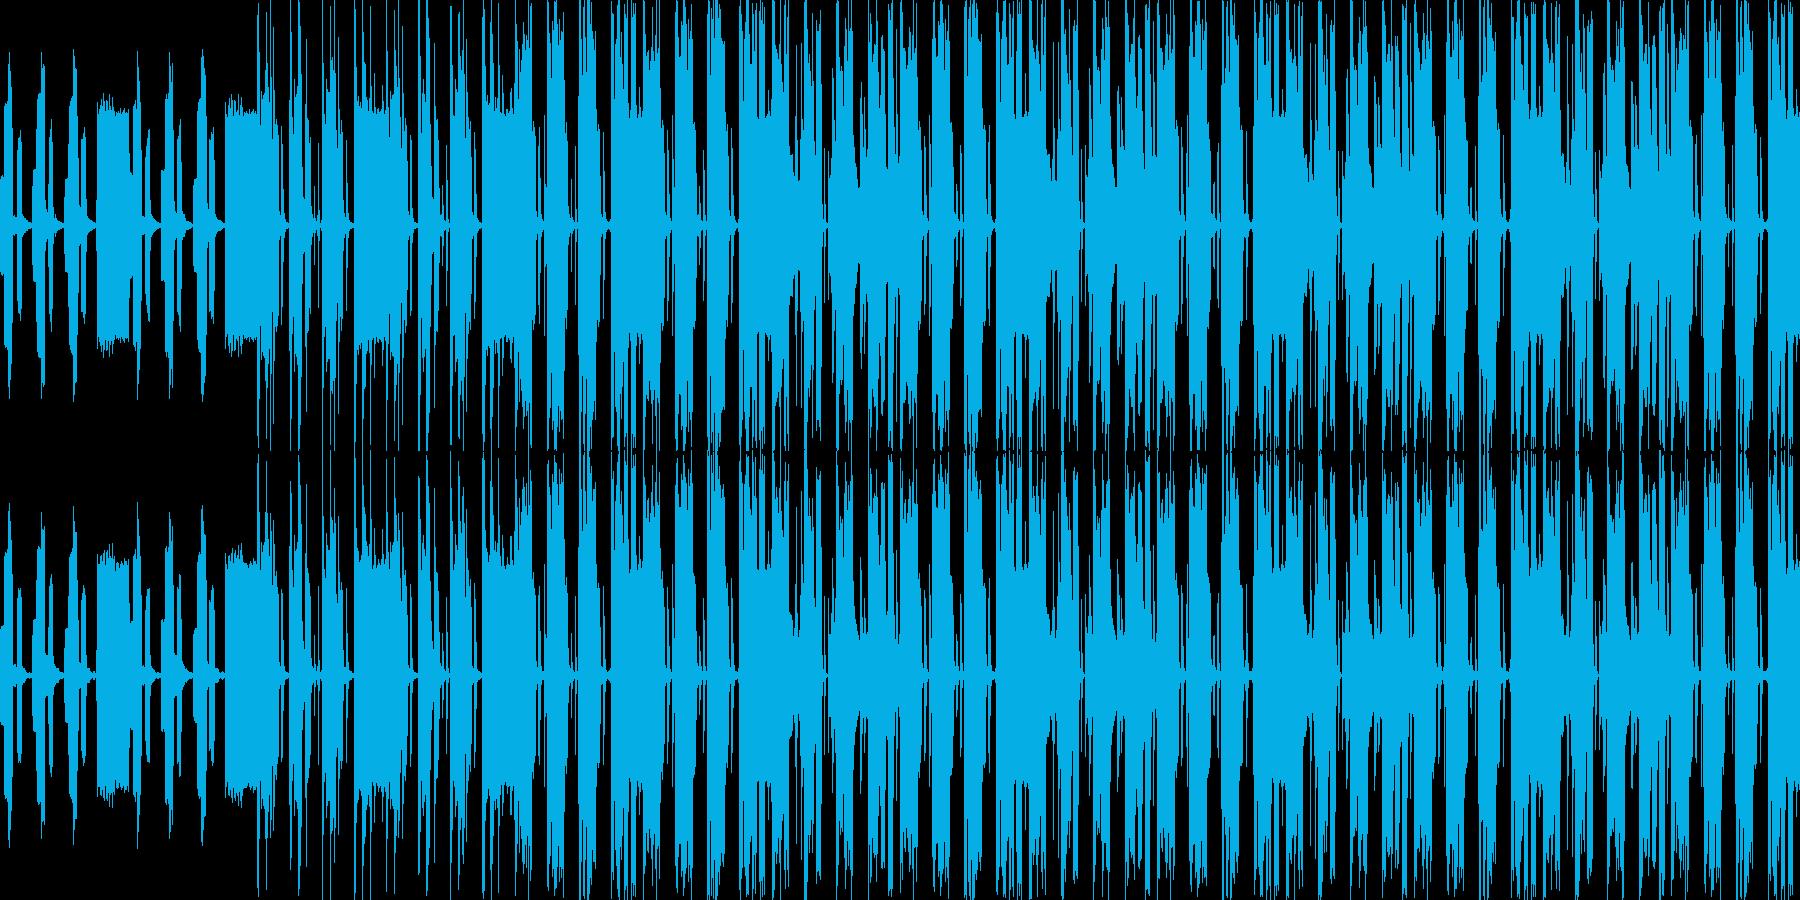 【ゆったり/甘い雰囲気/ポップス】の再生済みの波形